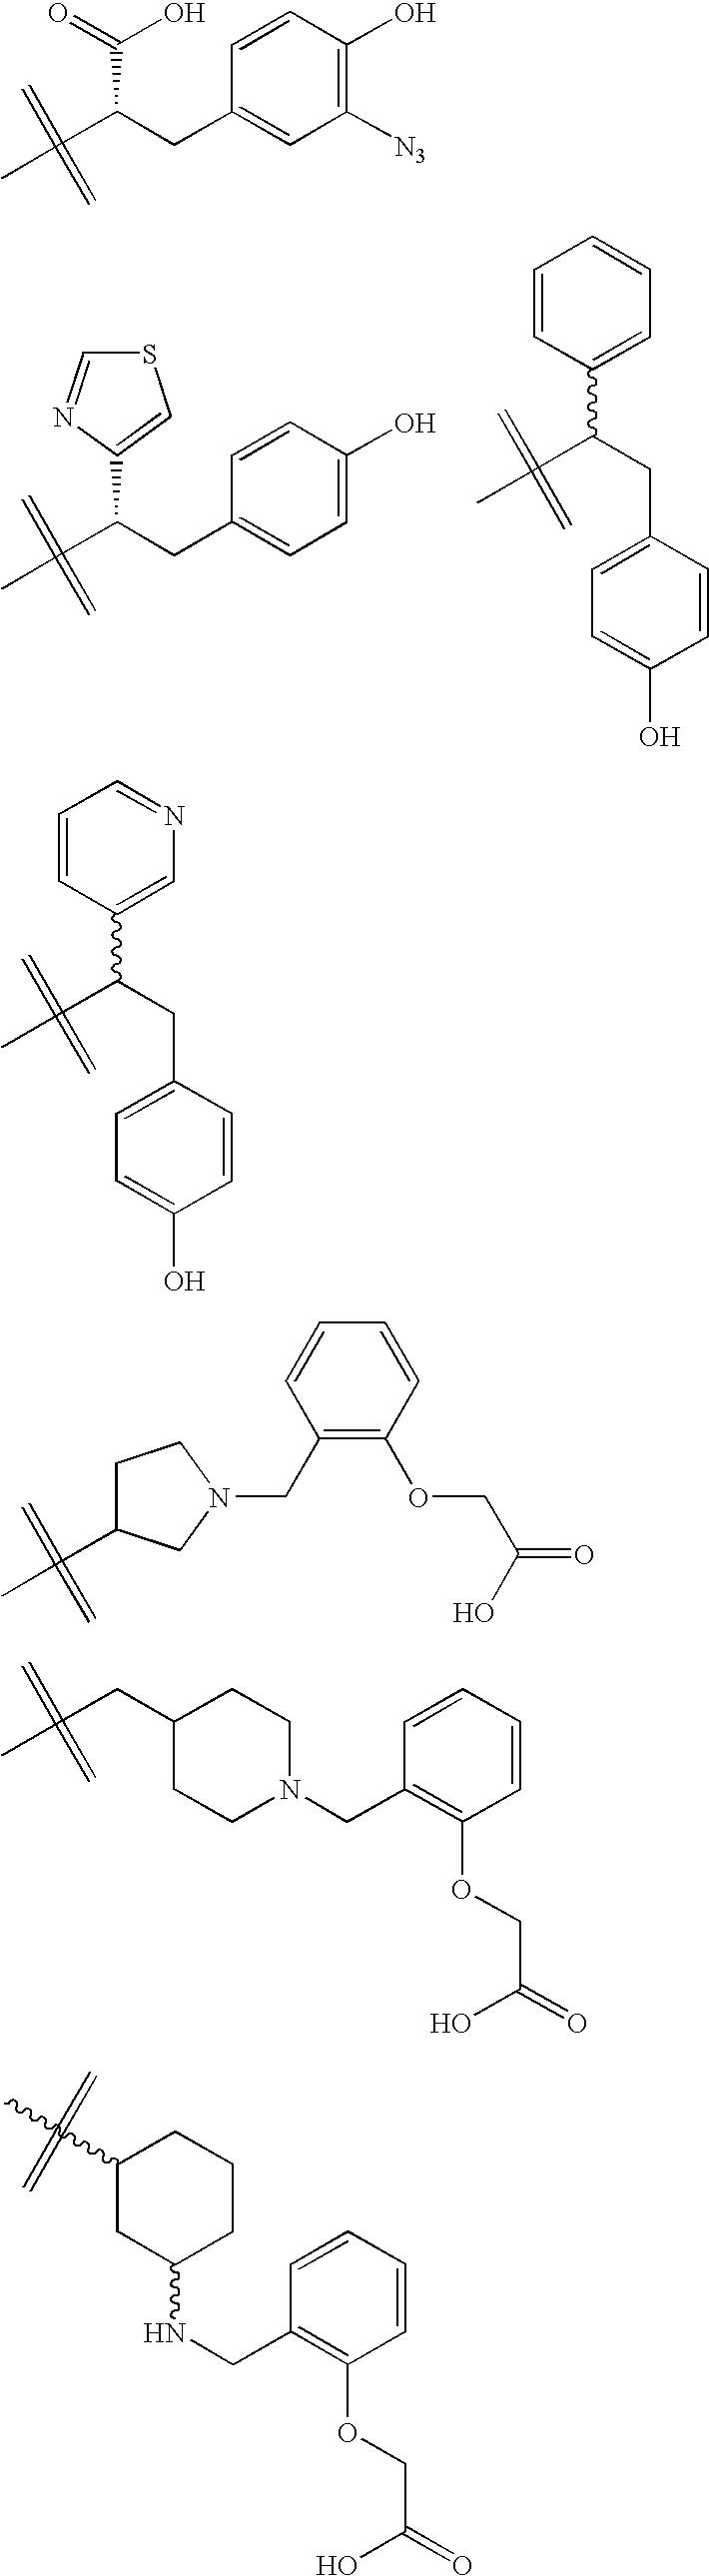 Figure US20070049593A1-20070301-C00106